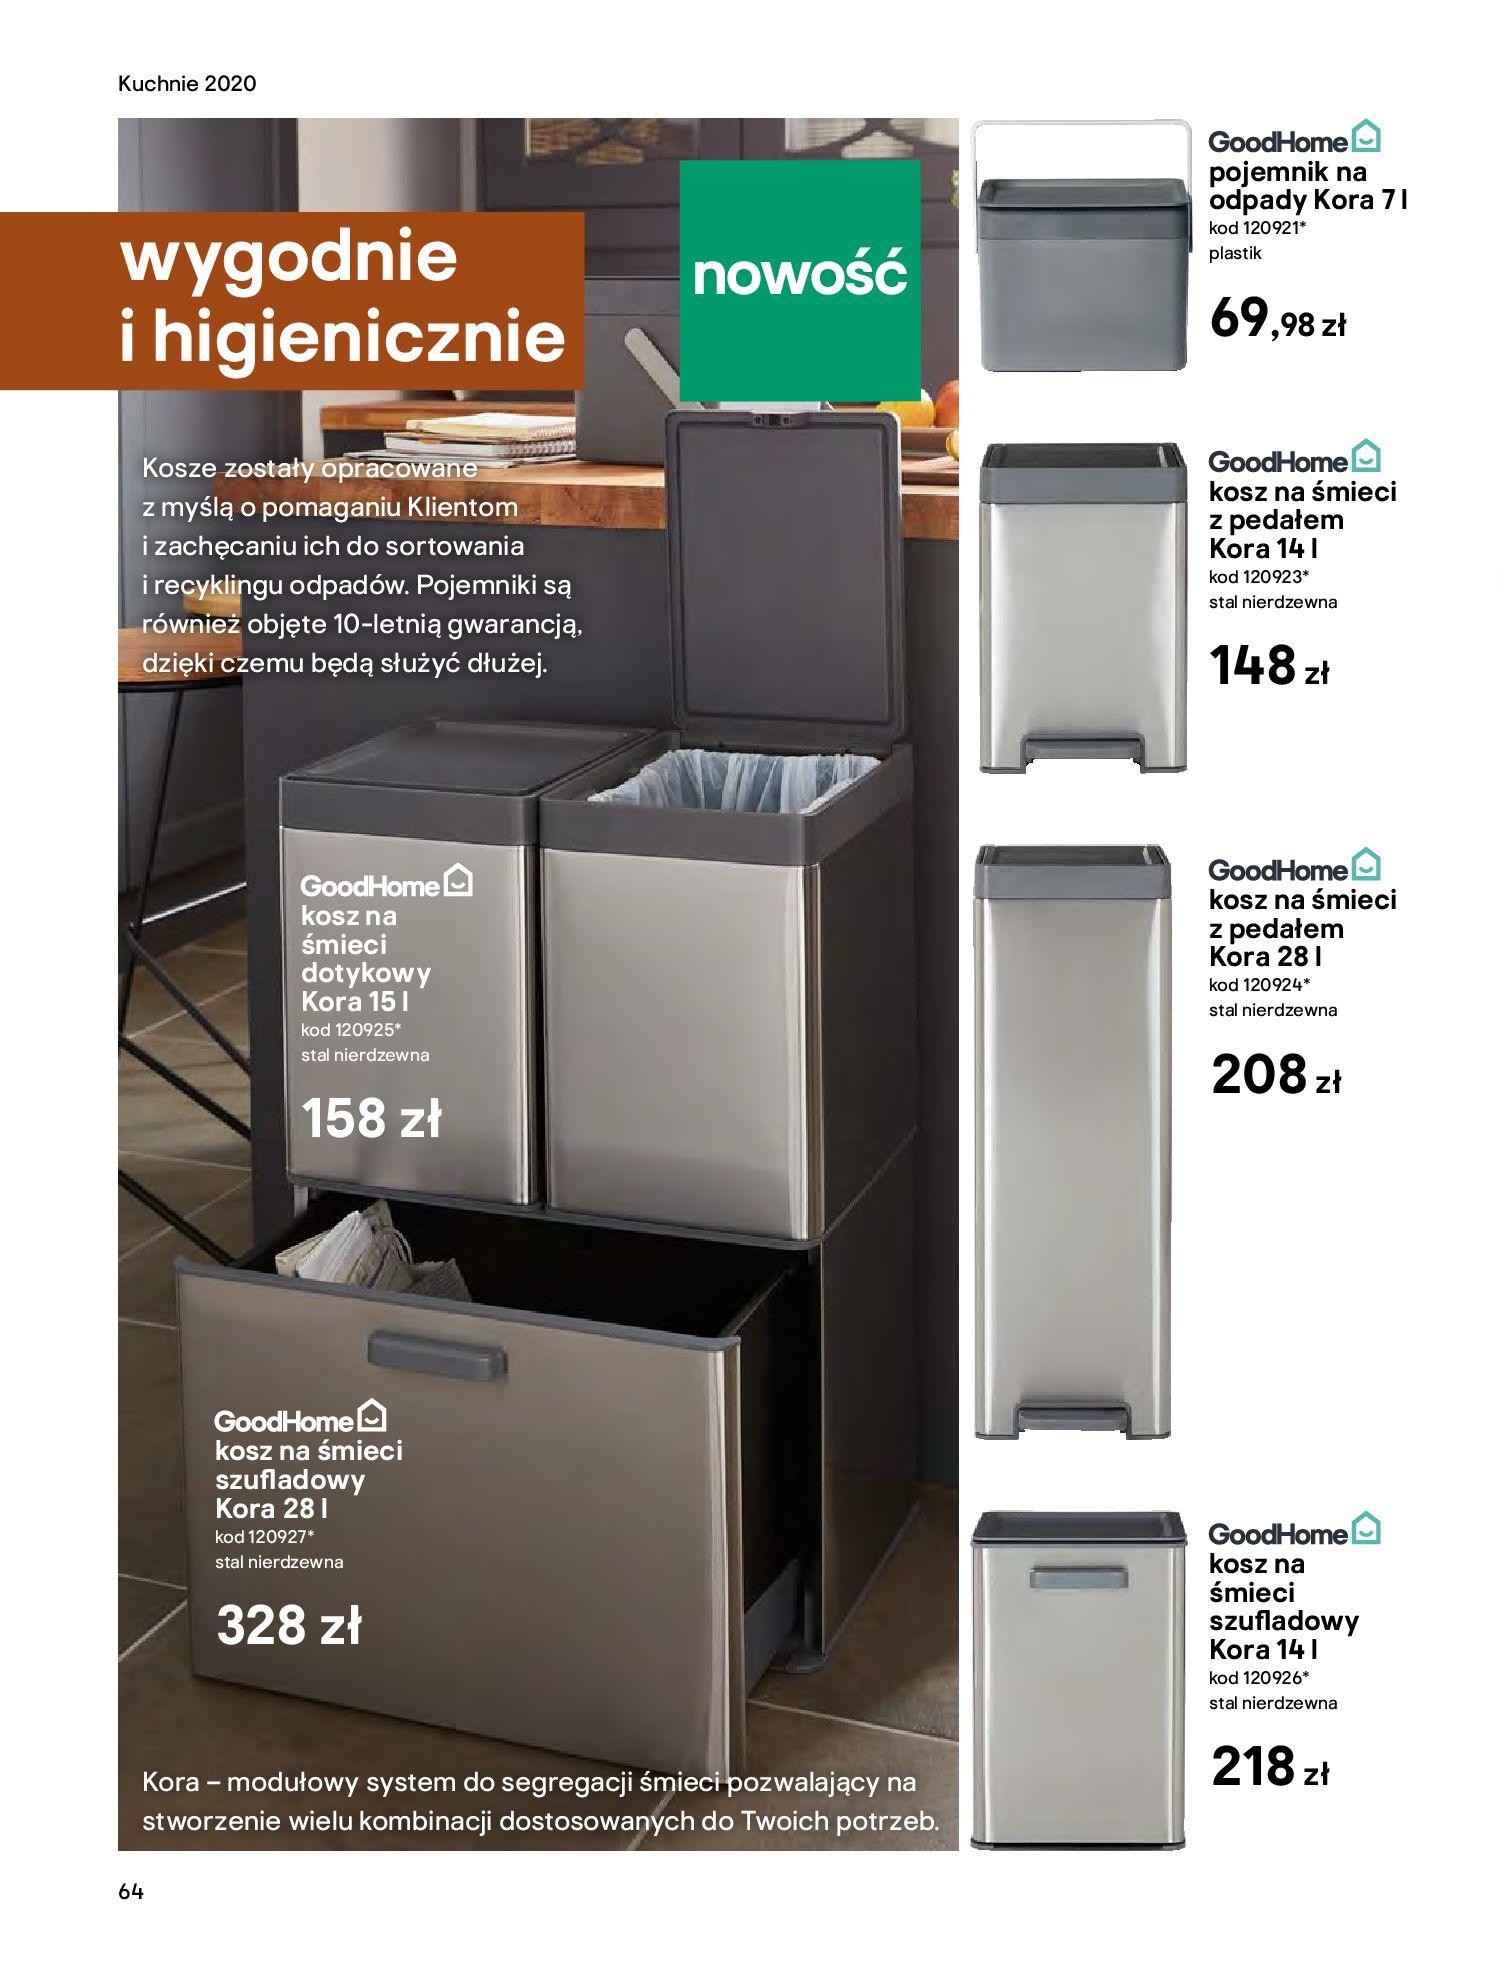 Gazetka Castorama - Katalog Kuchnie 2020-14.04.2020-31.12.2020-page-64